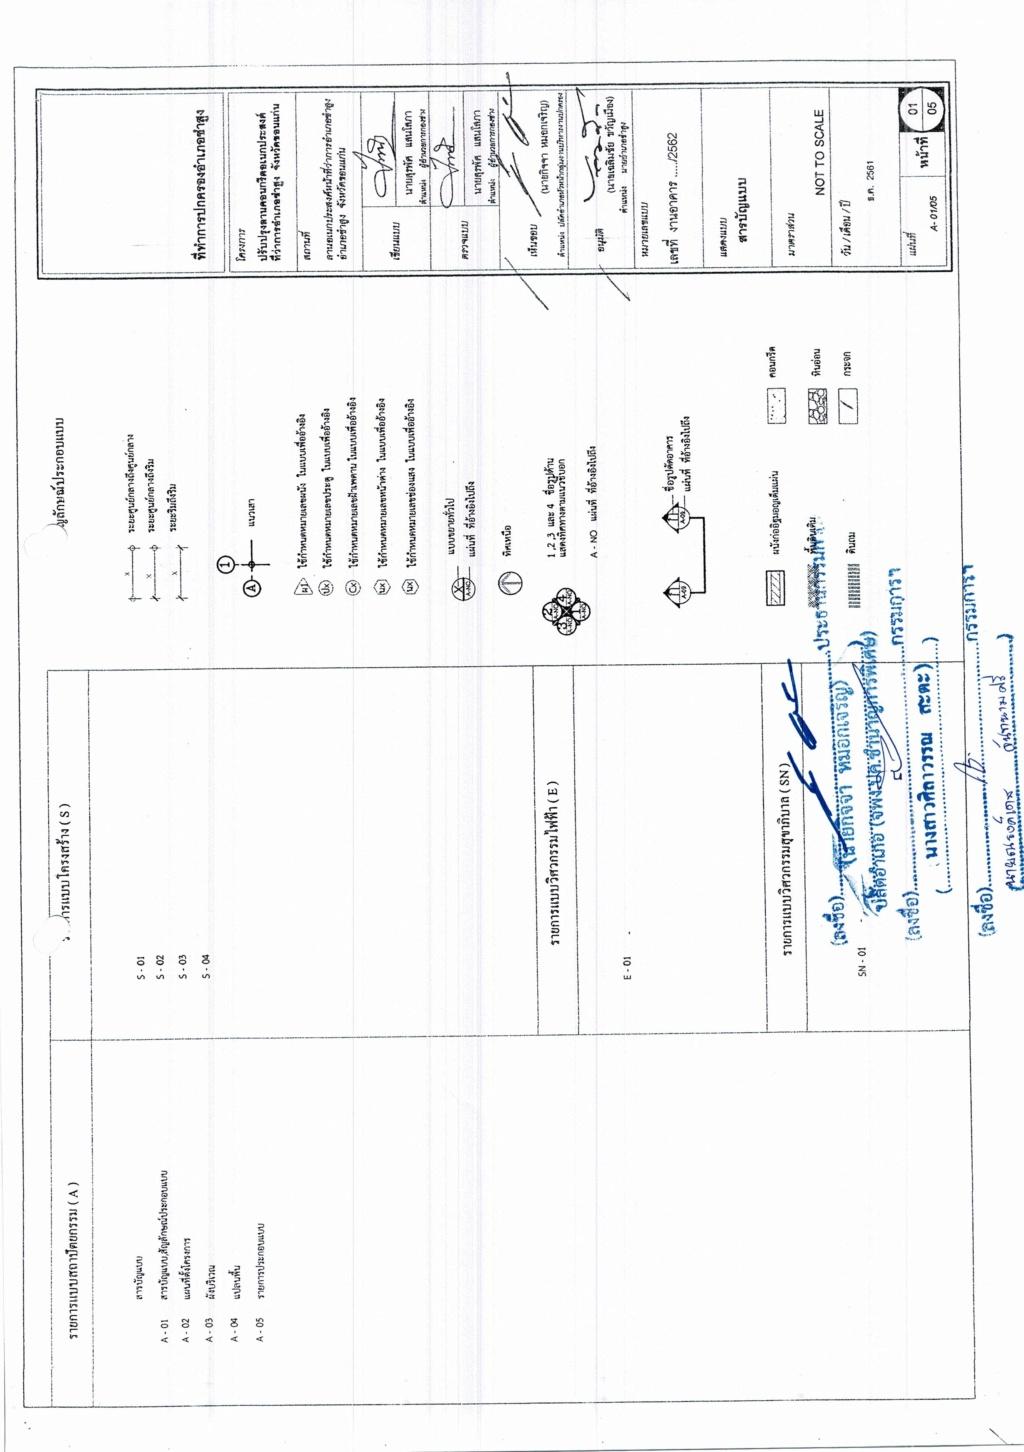 โครงการก่อสร้างลานอเนกประสงค์ที่ว่าการอำเภอซำสูง จังหวัดขอนแก่น ประจำปีงบประมาณ 2563  Cci_0036